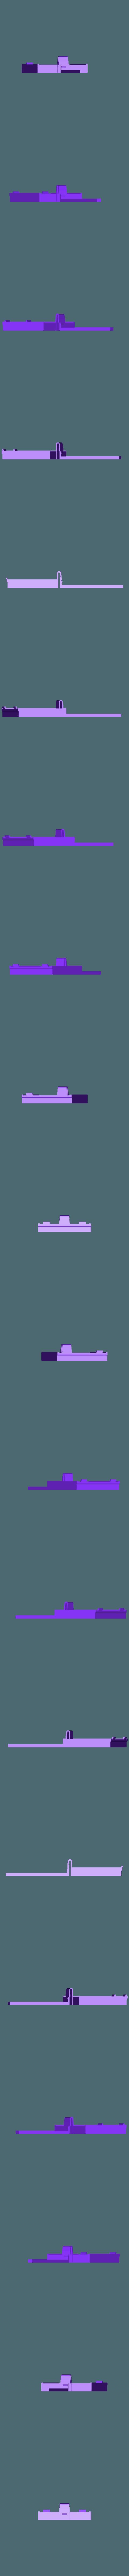 Gameboy Battery Cover Wall Mount v2.stl Télécharger fichier STL gratuit Support mural pour couvercle de batterie Gameboy • Plan pour imprimante 3D, MakeandModify